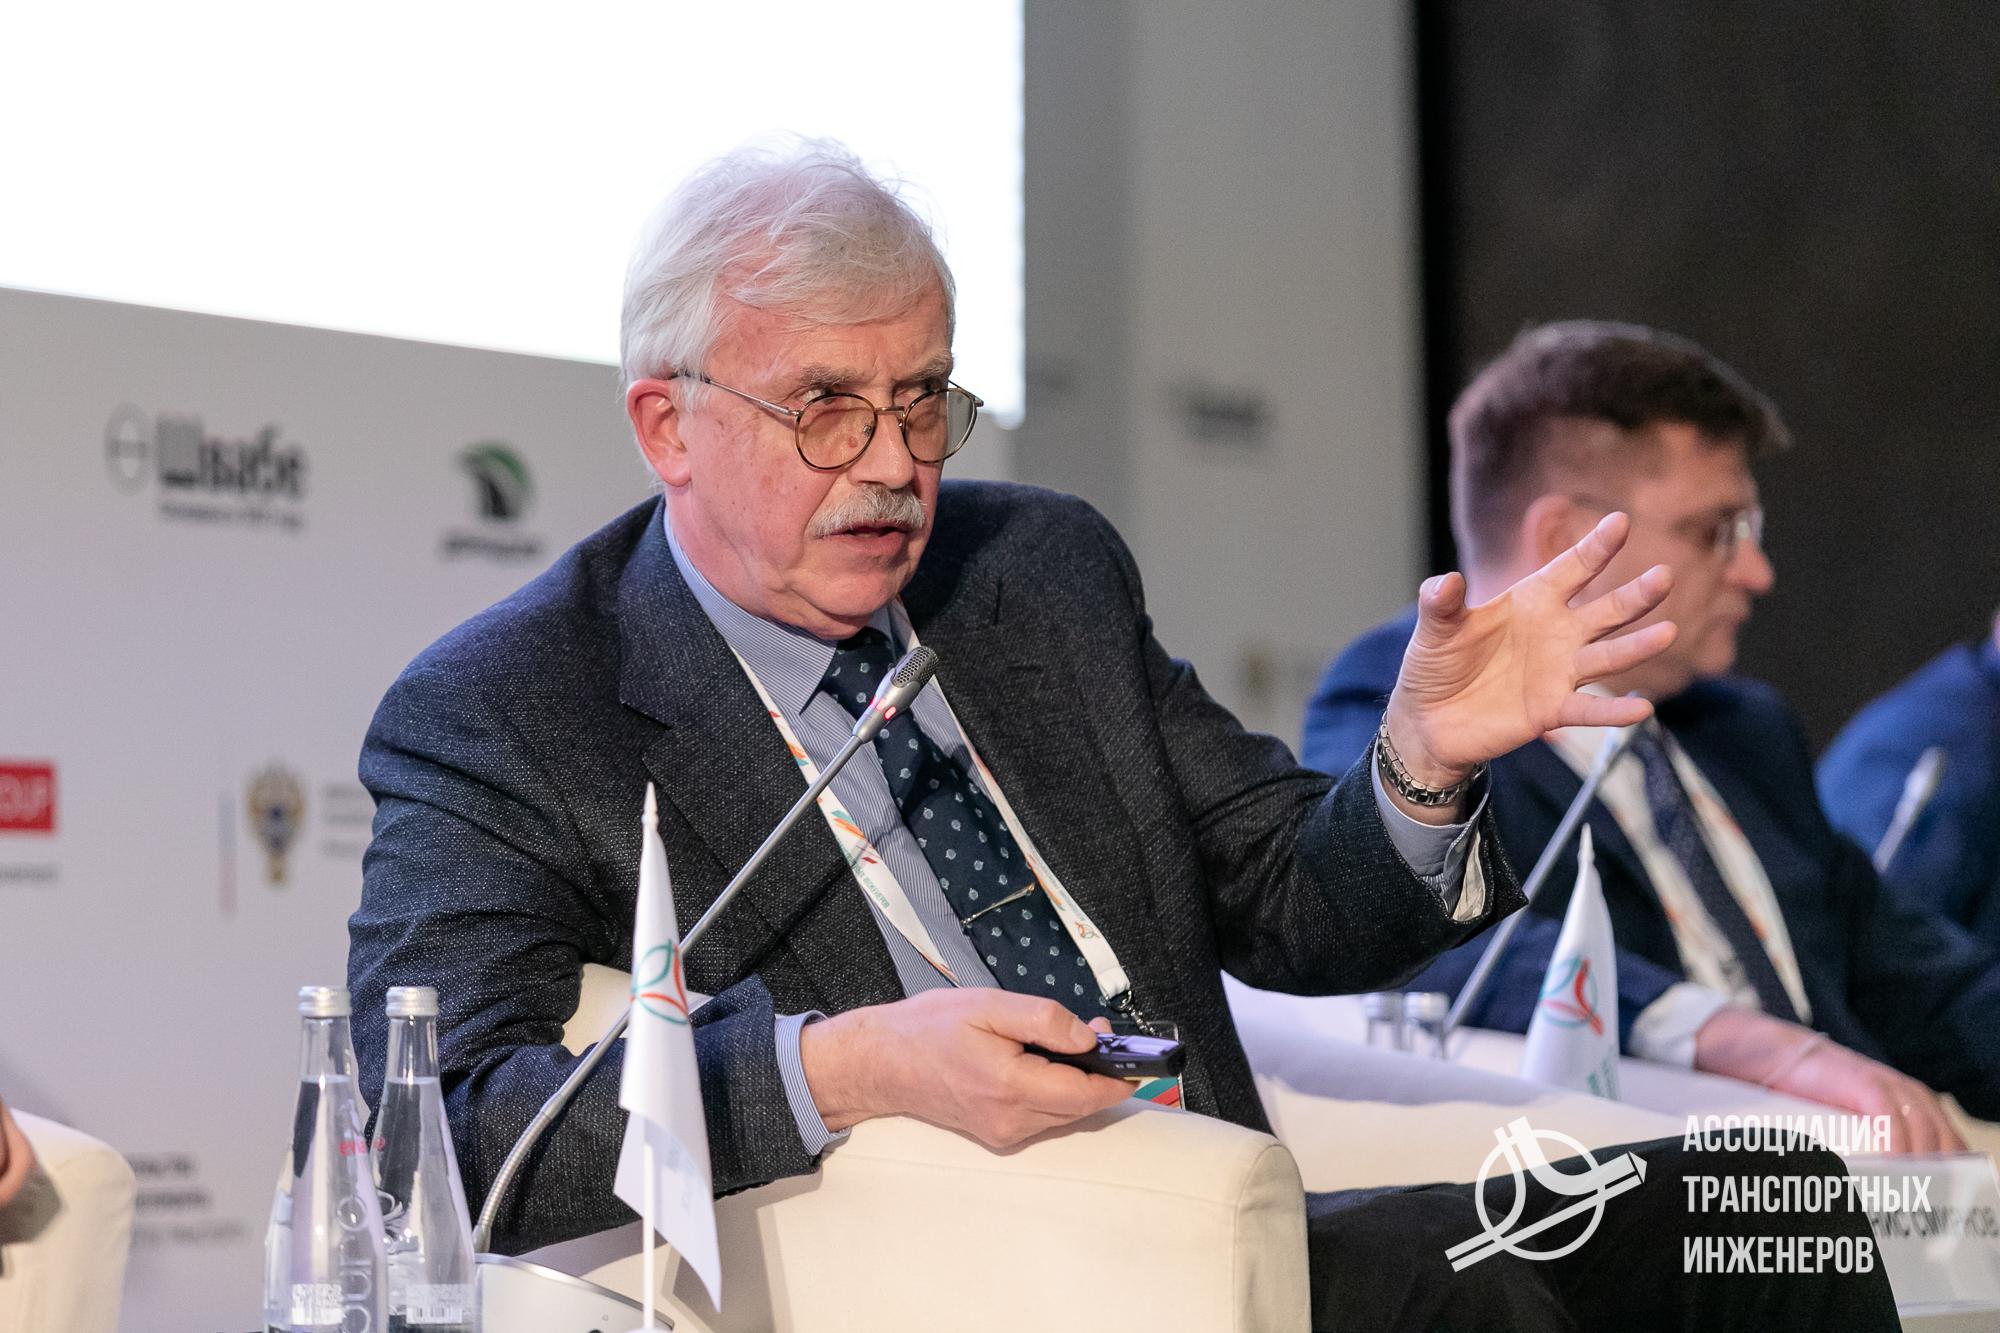 Конференция ТПиМ, 11 апреля 2019 (254)